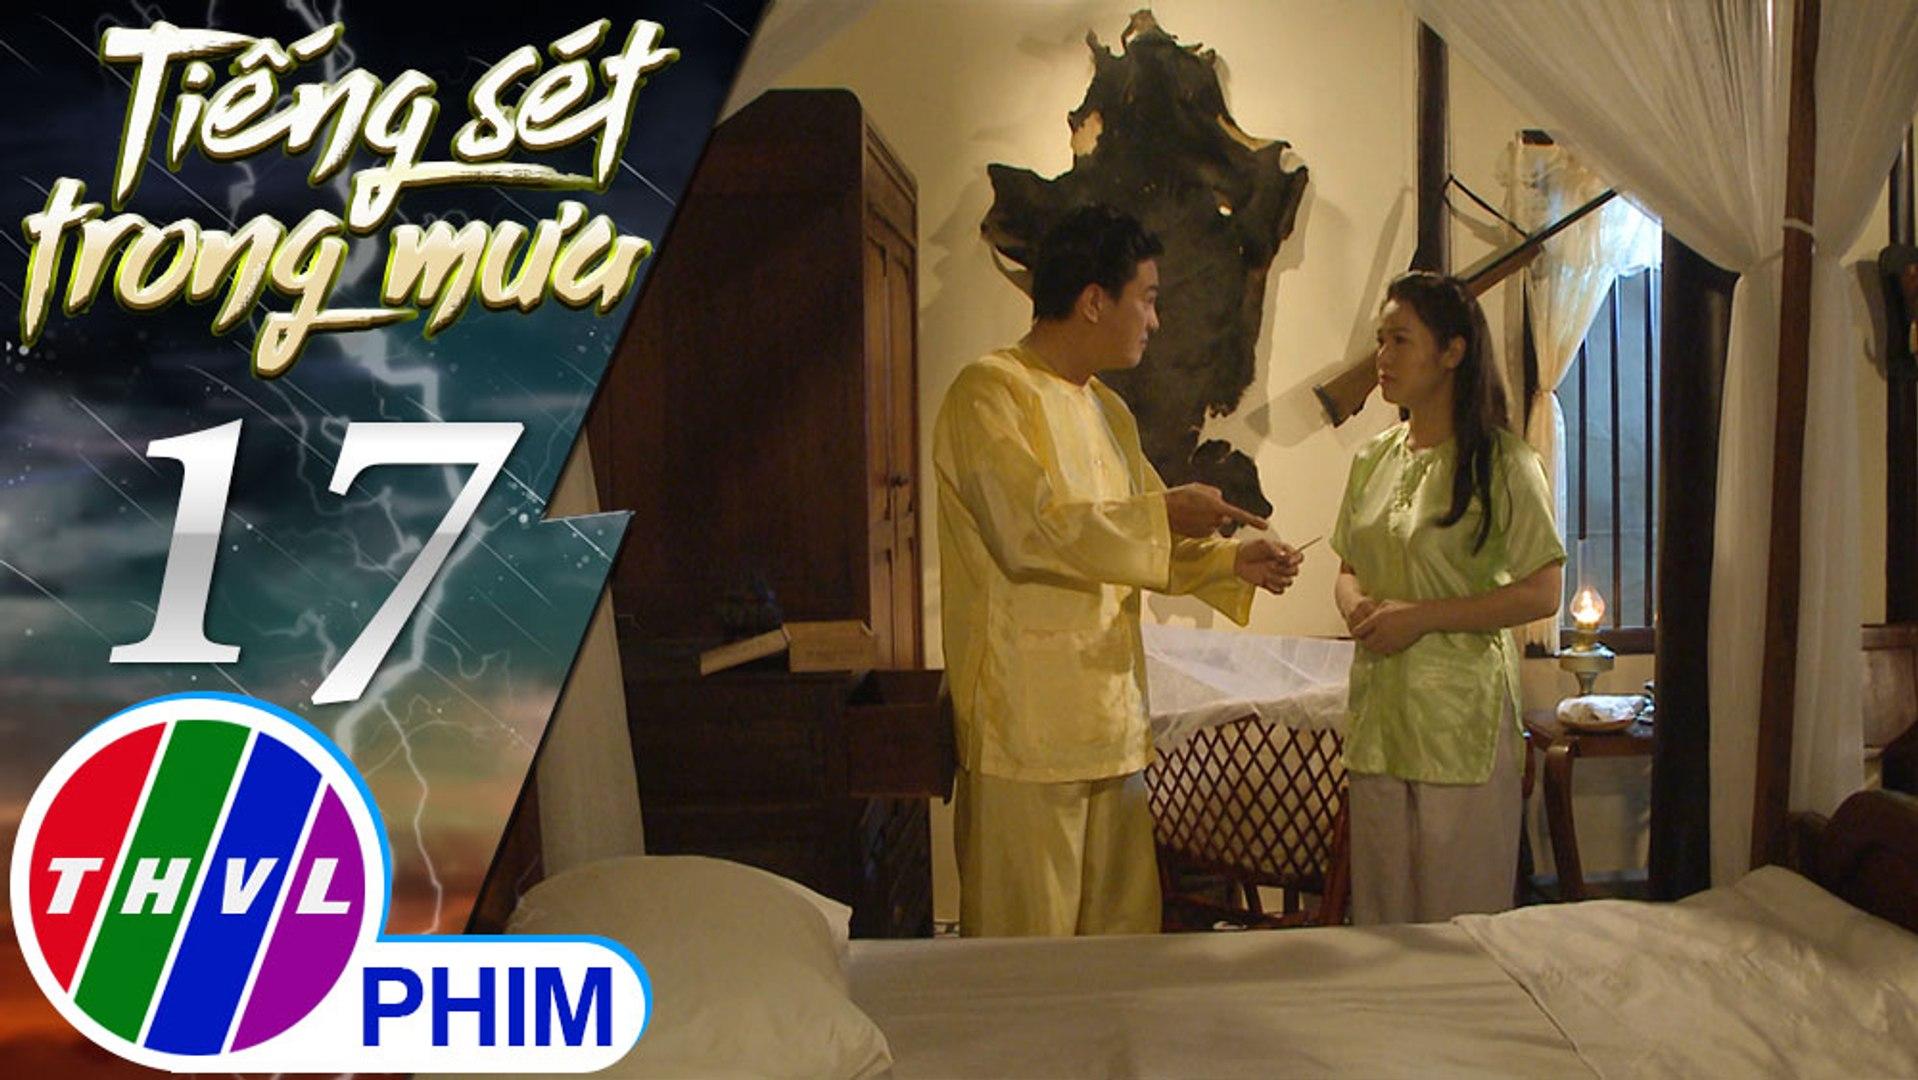 THVL | Tiếng sét trong mưa - Tập 17[5]: Khải Duy ghẹo Bình rằng mình muốn cưới vợ khiến cô buồn bã